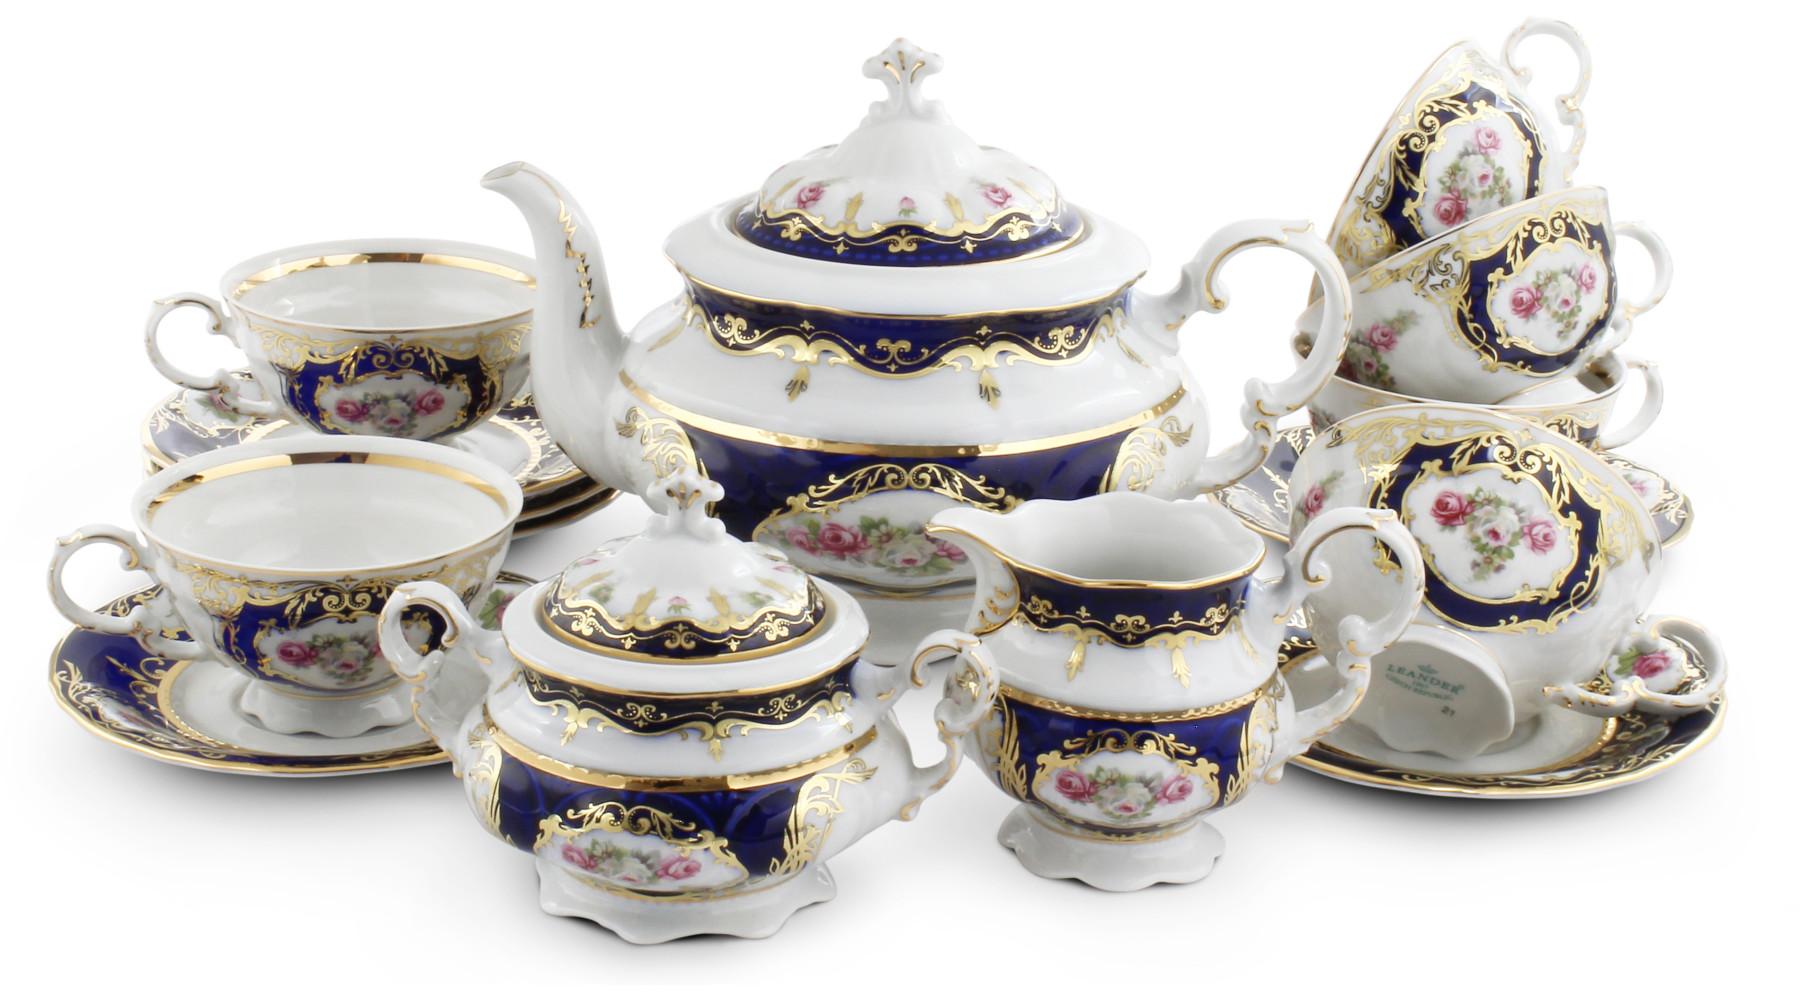 Tea set 15-piece - Cobalt and rose